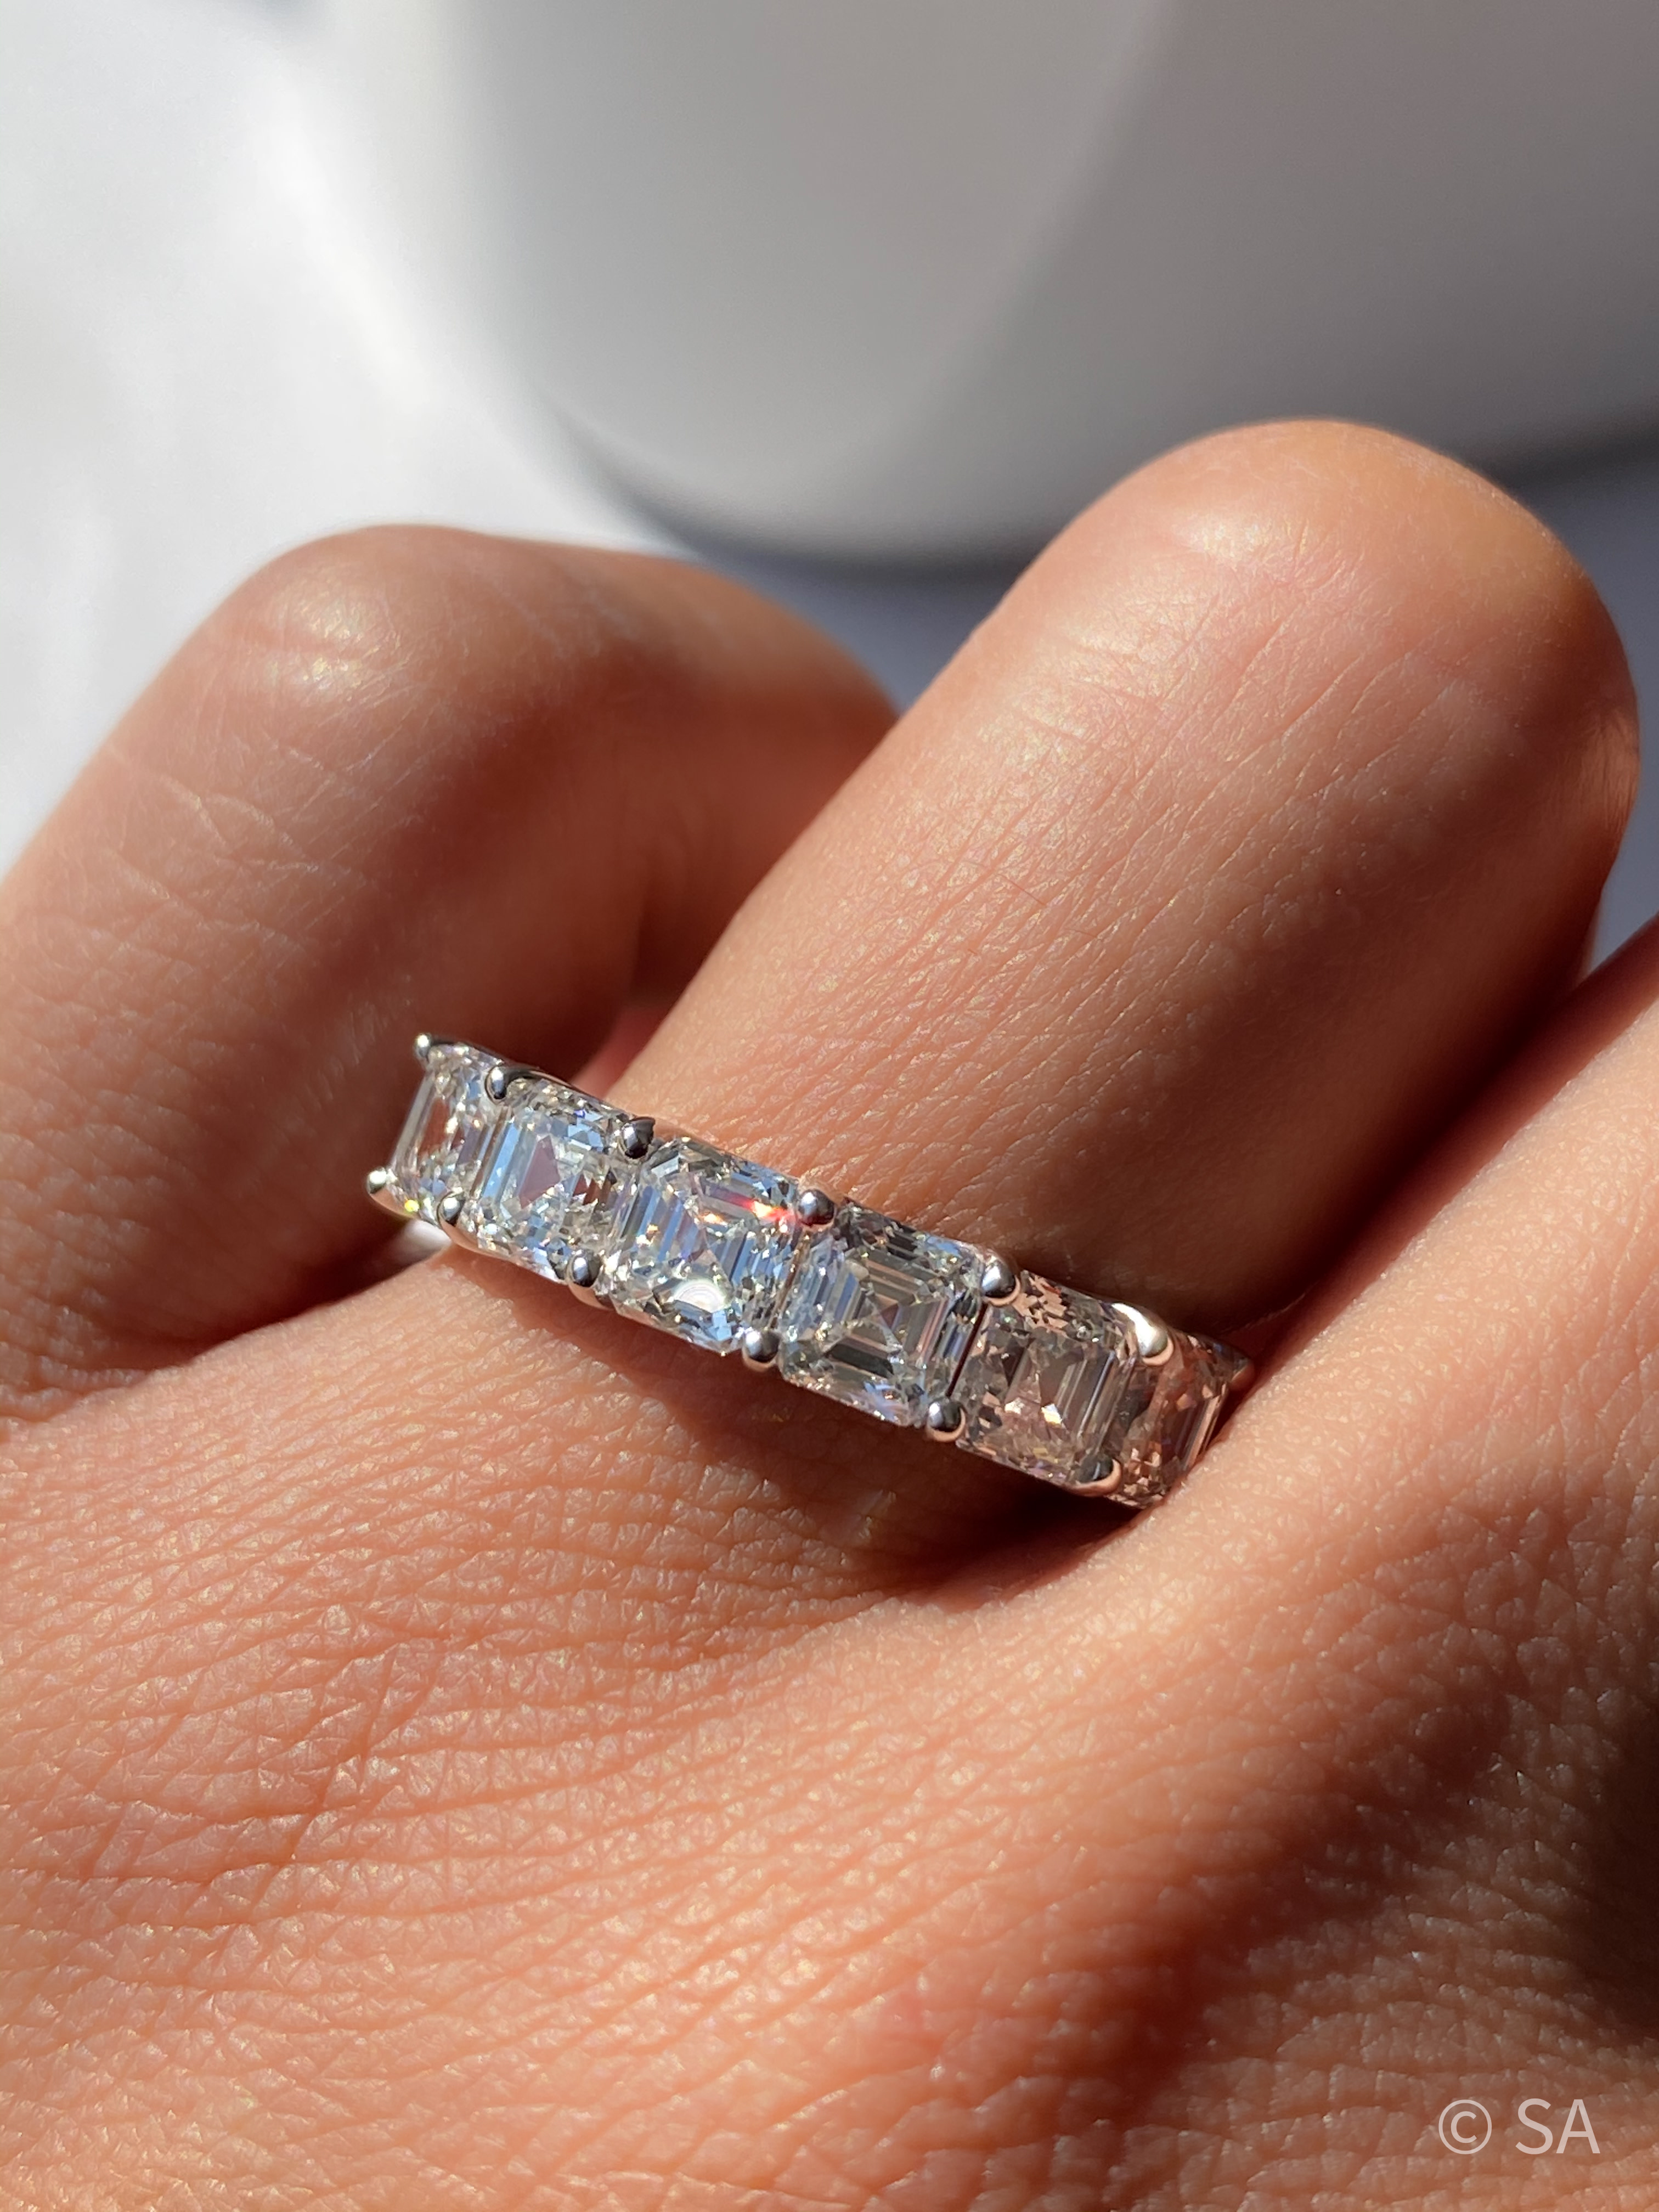 asscher diamond eternity band on finger